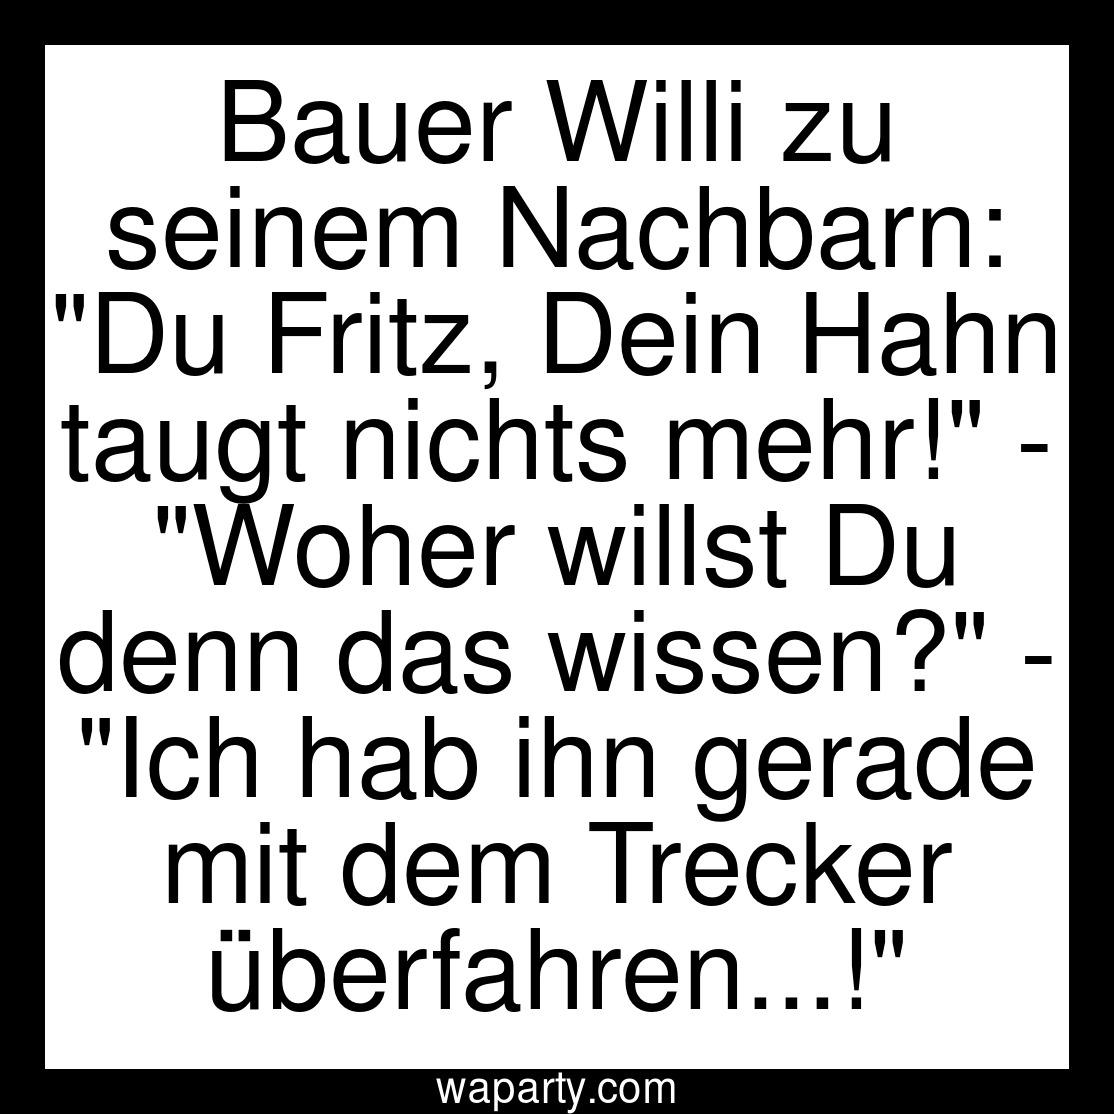 Bauer Willi zu seinem Nachbarn: Du Fritz, Dein Hahn taugt nichts mehr! - Woher willst Du denn das wissen? - Ich hab ihn gerade mit dem Trecker überfahren...!